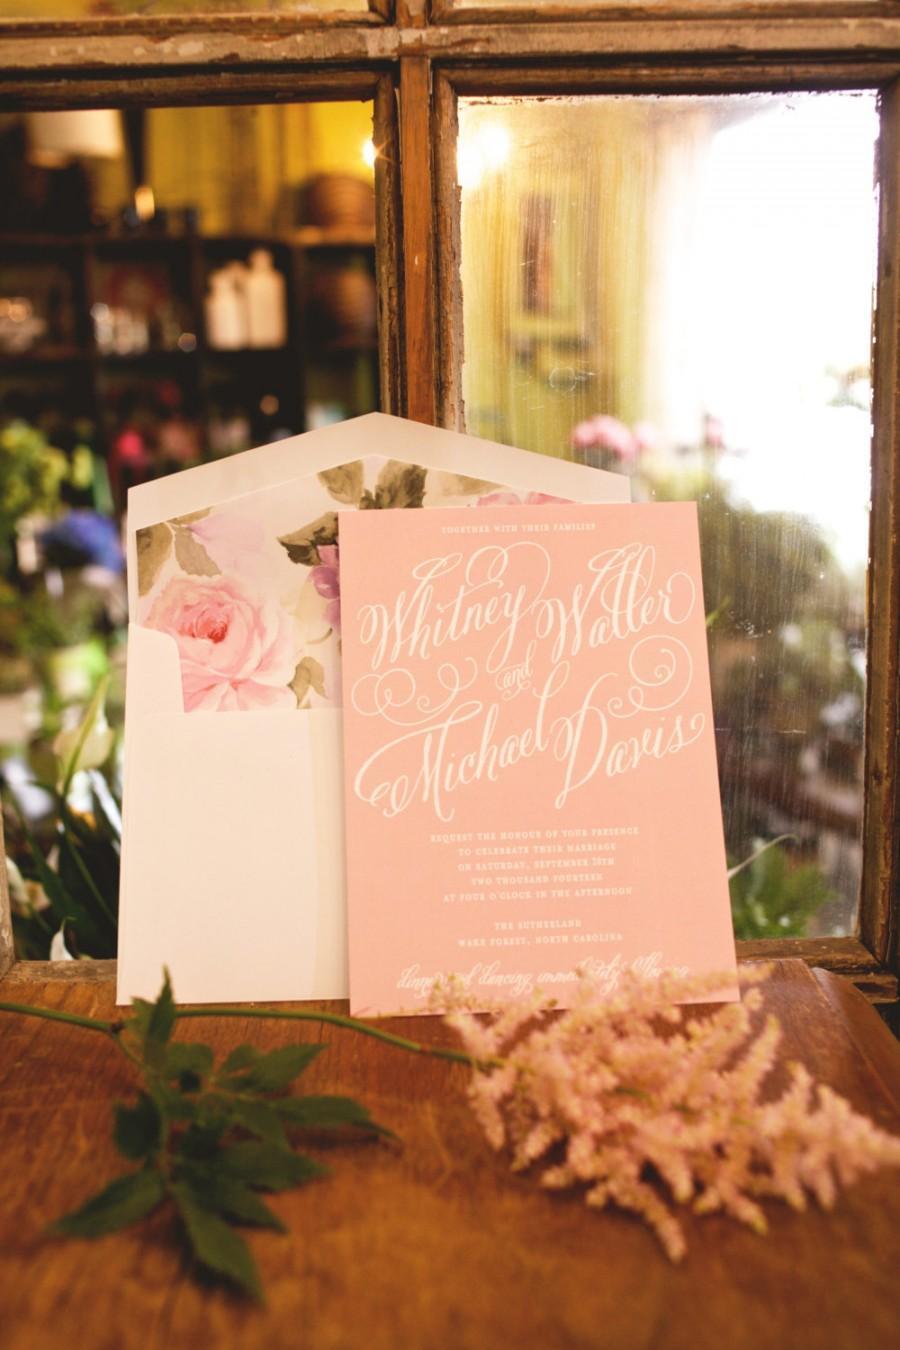 Hochzeit - Garden Wedding Invitation, Blush Wedding Invitation, Elegant Wedding Invitation, Classic Wedding Invitation, Modern Wedding Invitation